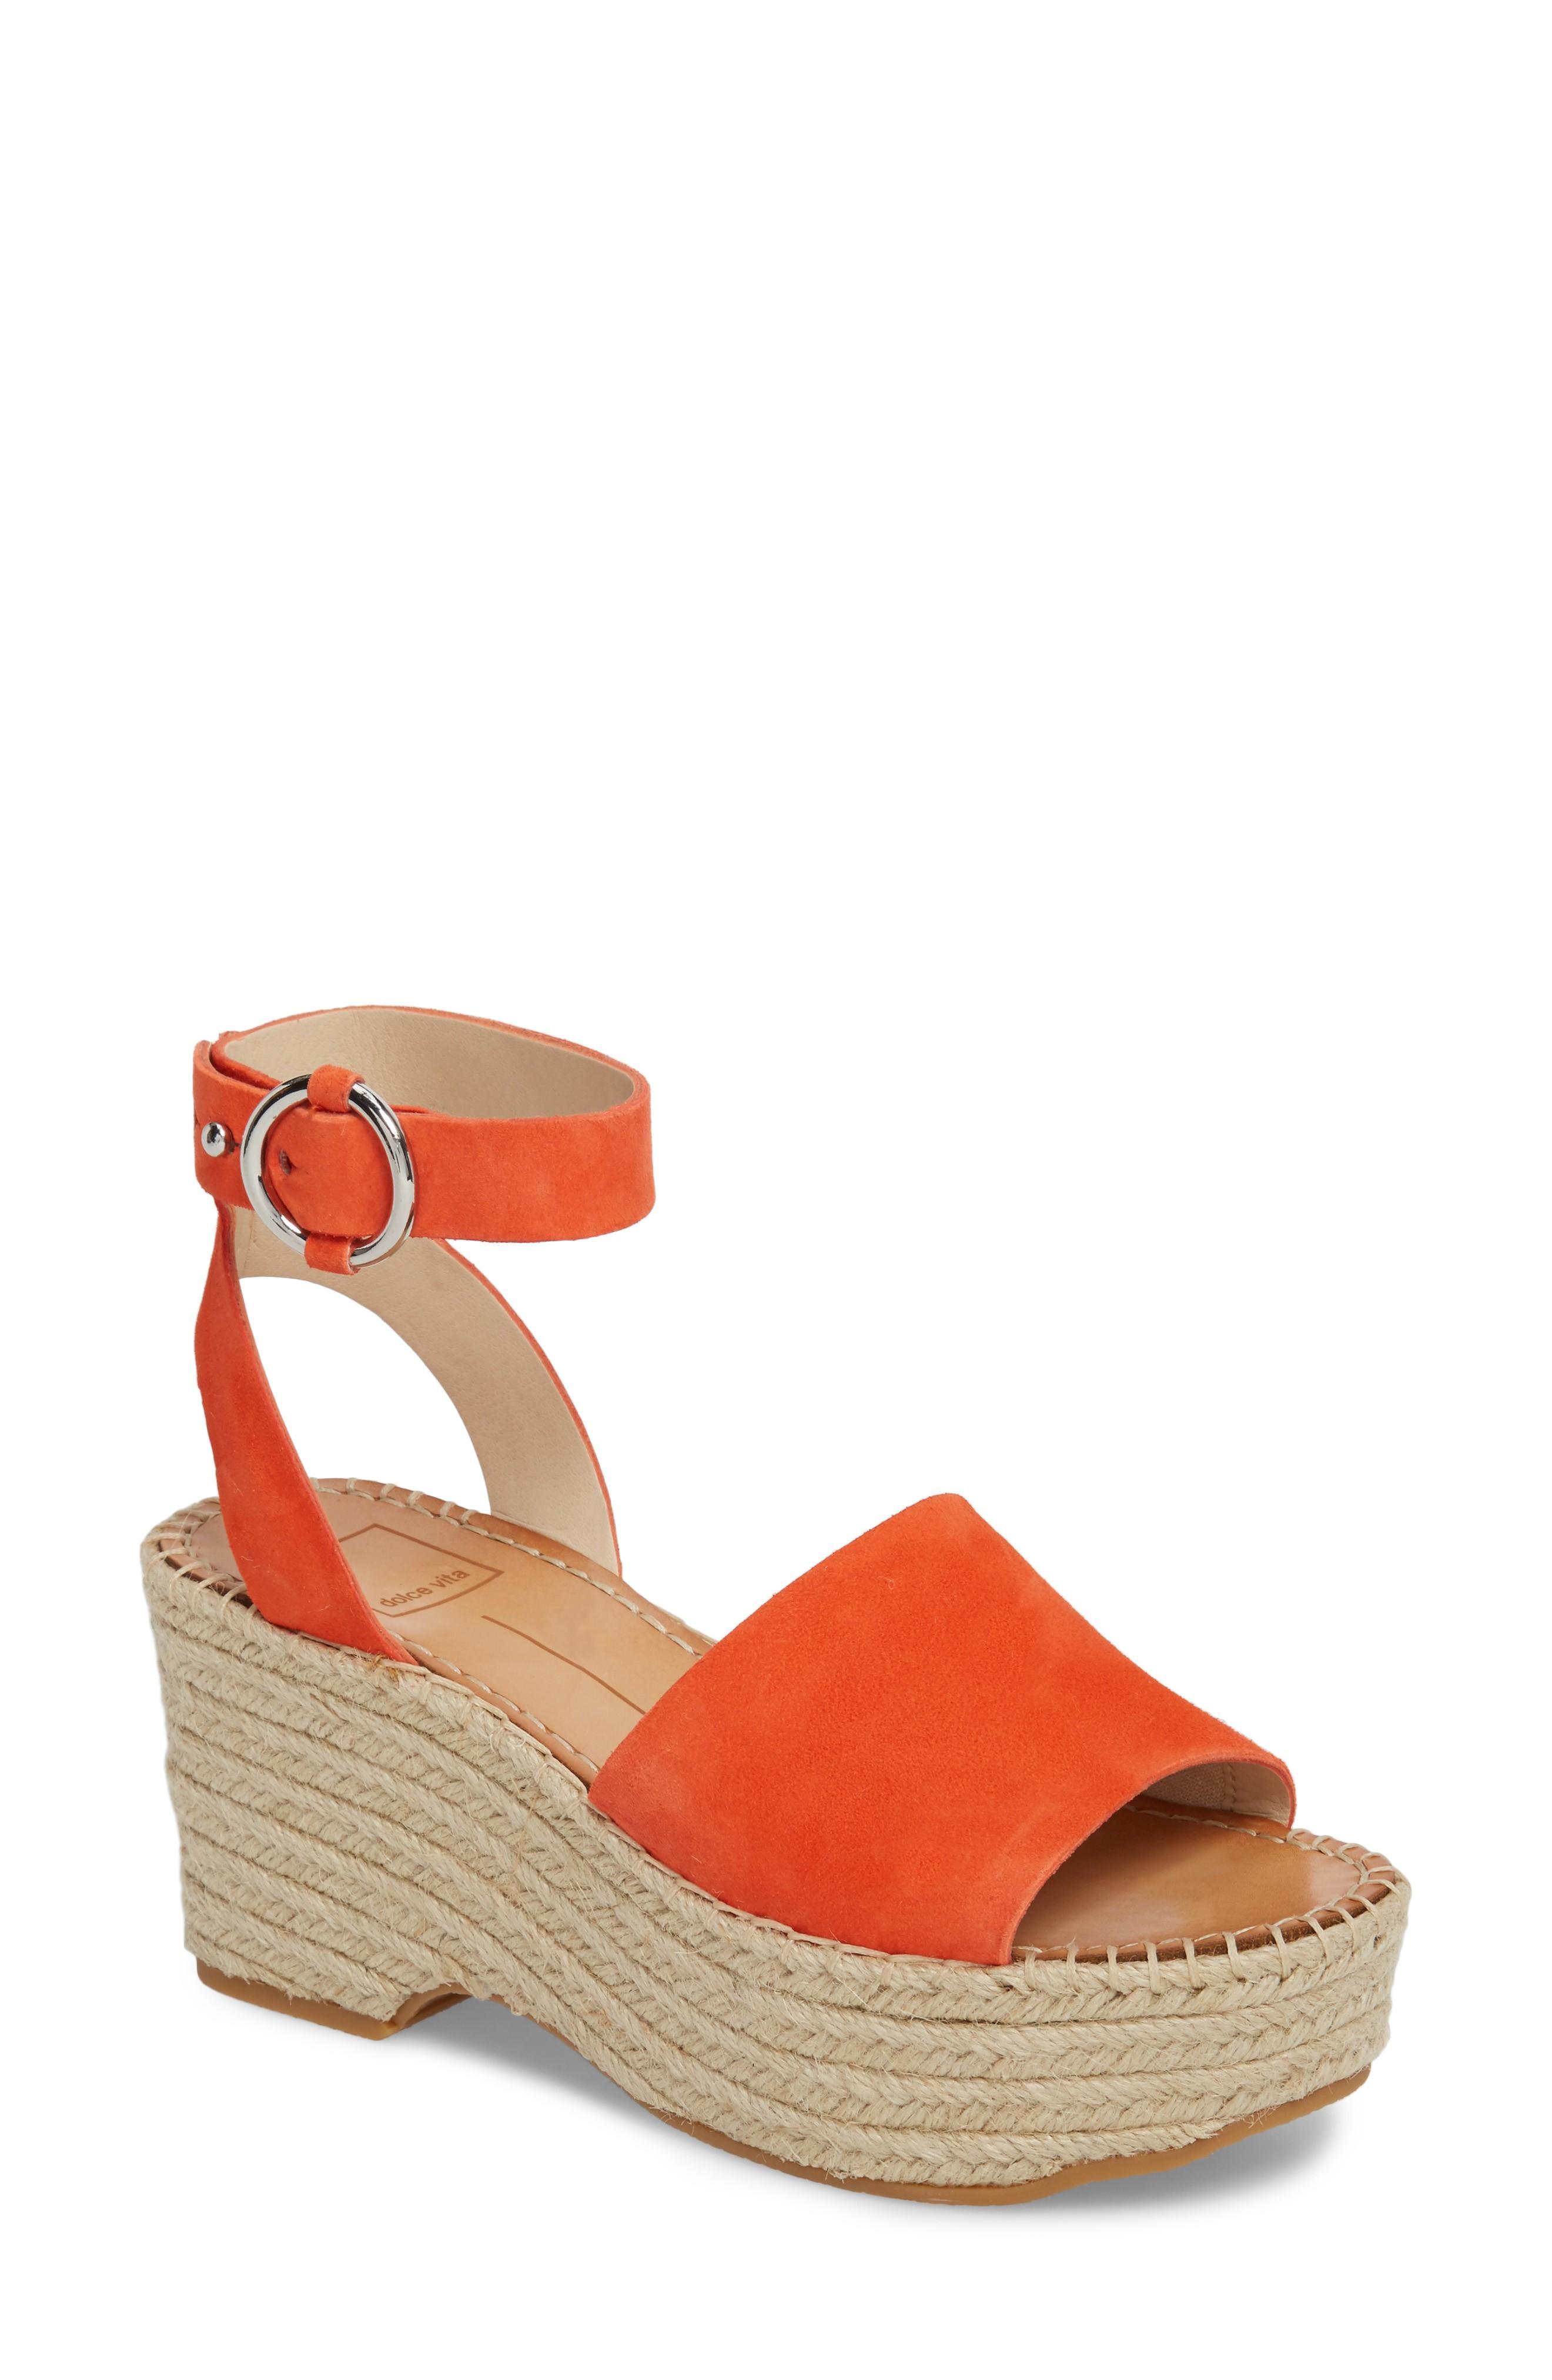 89682faf93e3 Style Name  Dolce Vita Lesly Espadrille Platform Sandal (Women). Style  Number  5555758 1.